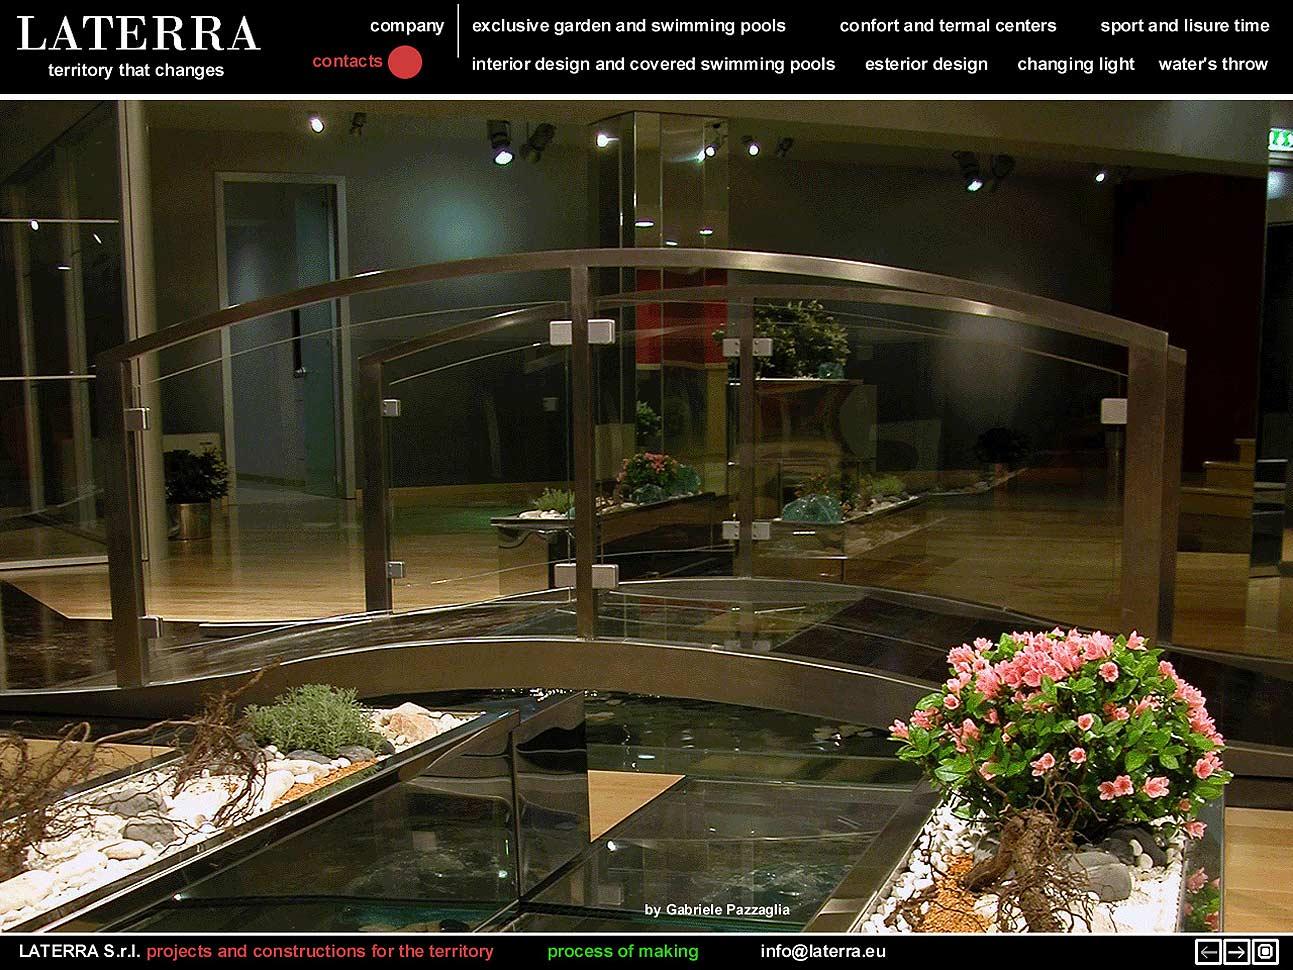 interior_design_gabriele_pazzaglia_vimer_16